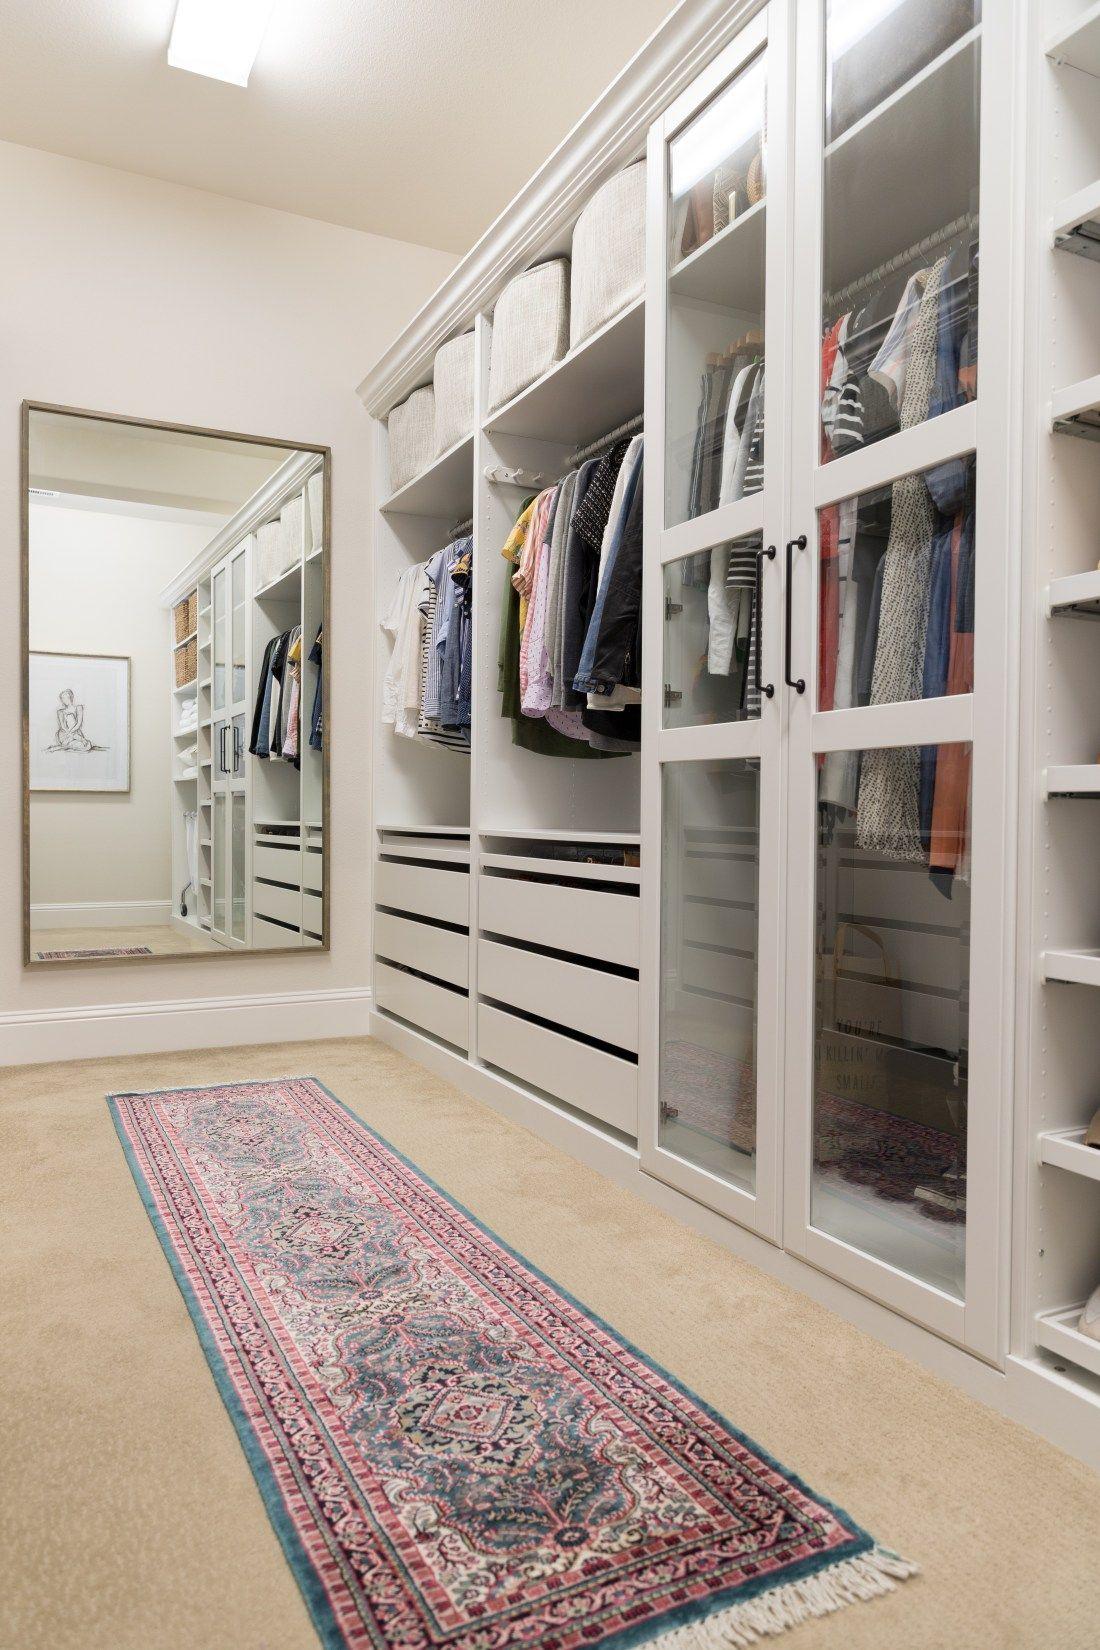 Walk In Closet Makeover With Ikea Pax Schlafzimmer Schrank Ideen Schrank Planen Ankleide Zimmer